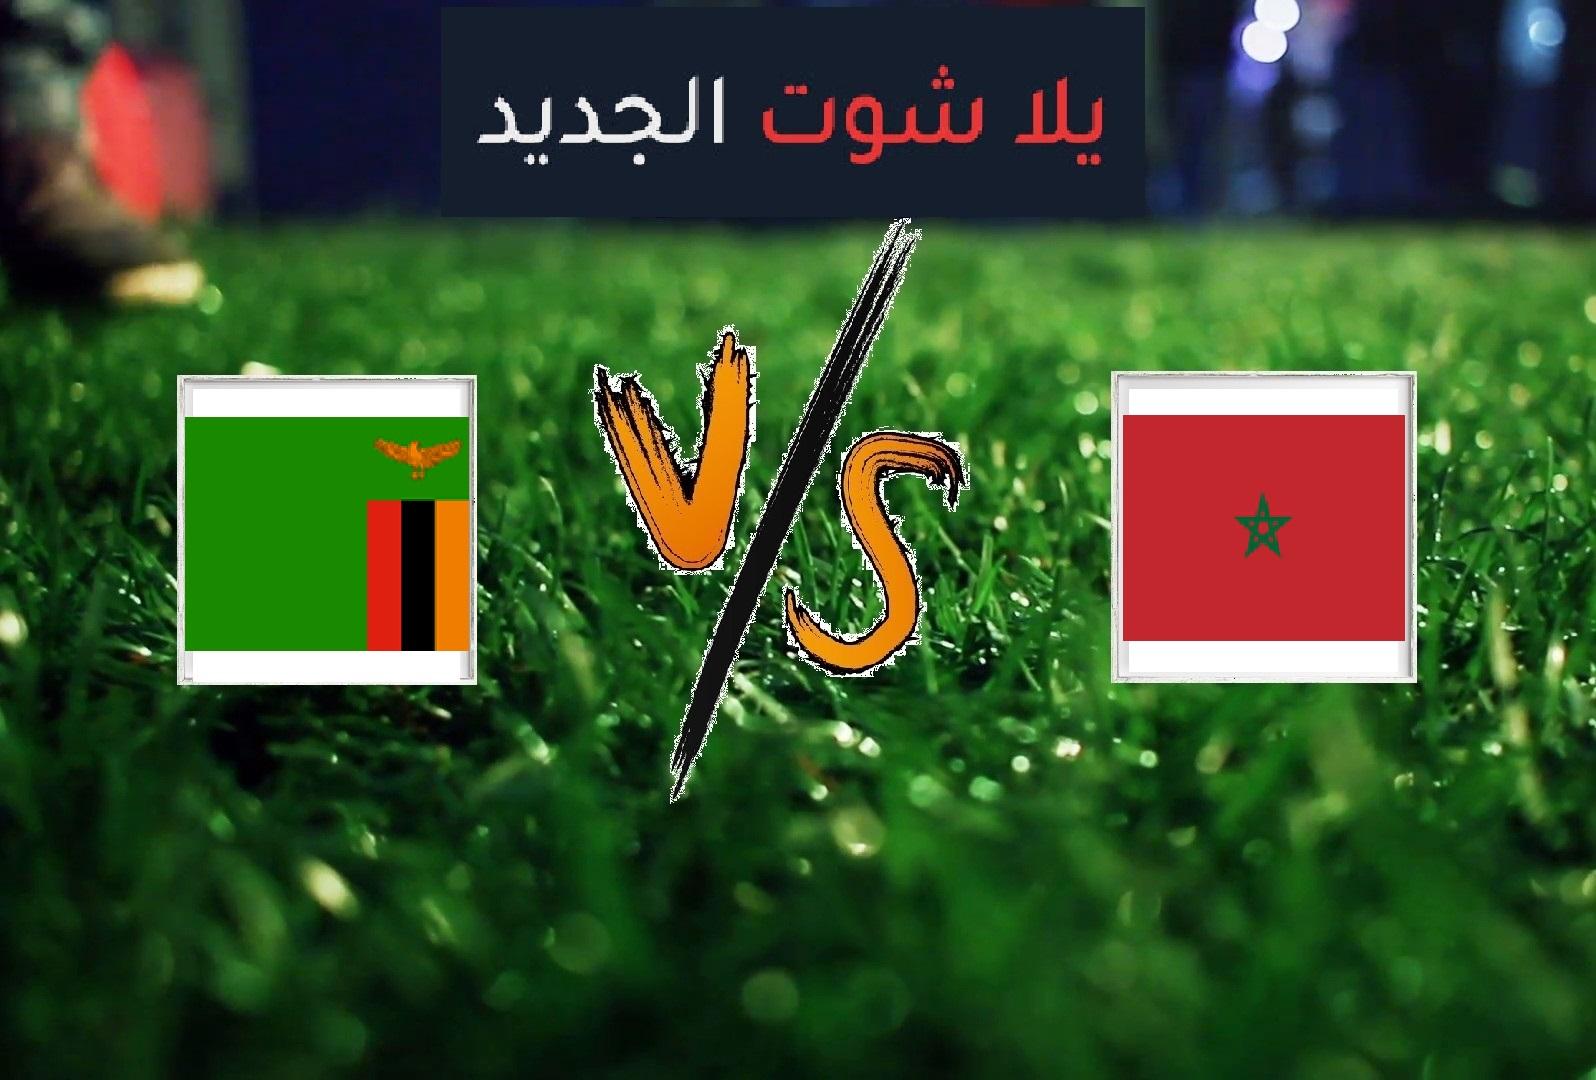 نتيجة مباراة المغرب وزامبيا اليوم الاحد بتاريخ 16-06-2019 مباراة ودية